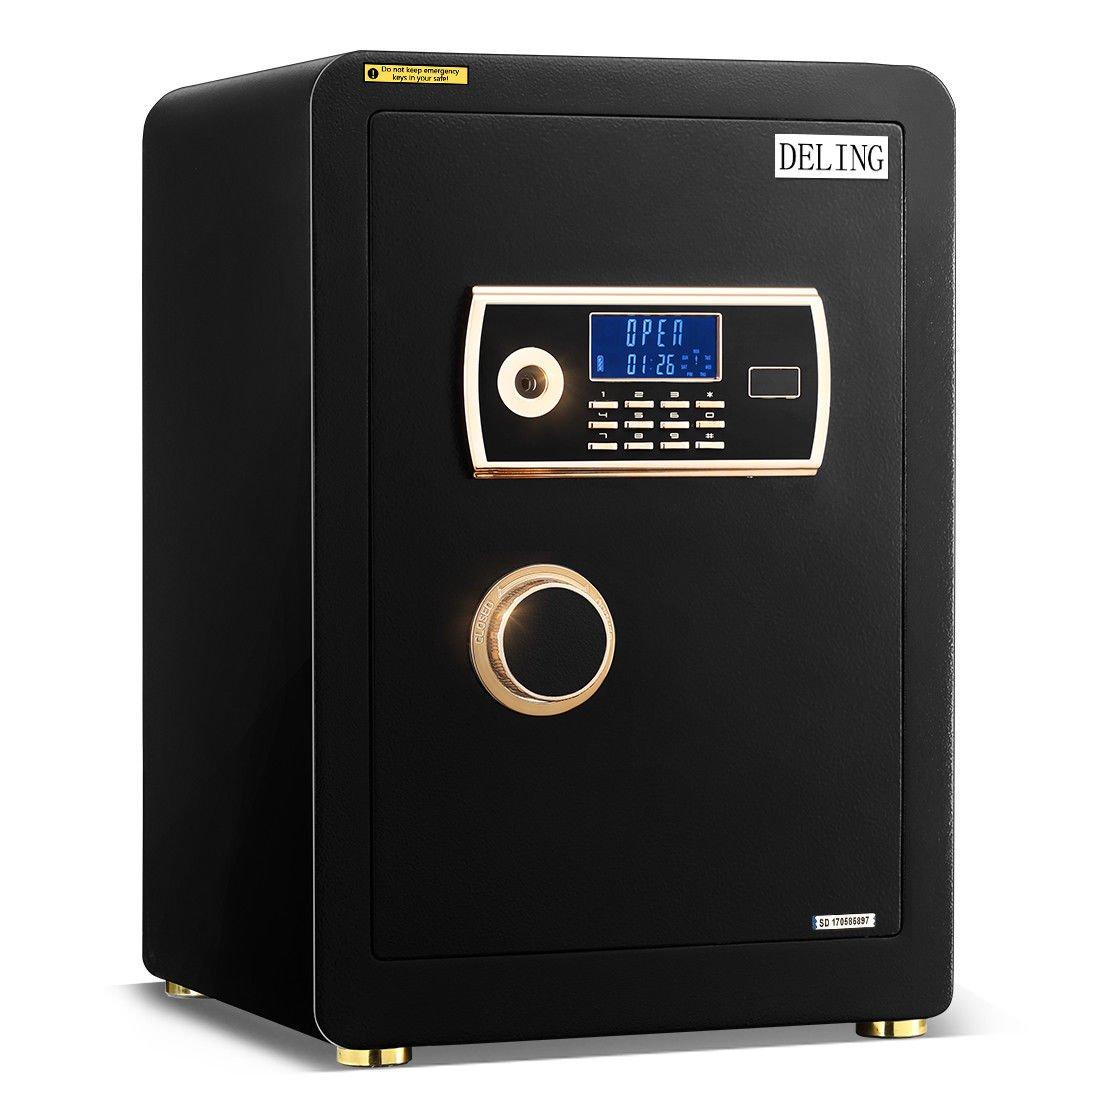 Largeソリッドスチールロックボックスセーフ電子セキュリティデジタル表示キーパッドガンジュエリーMoneyホームオフィス B07CRM7QKW